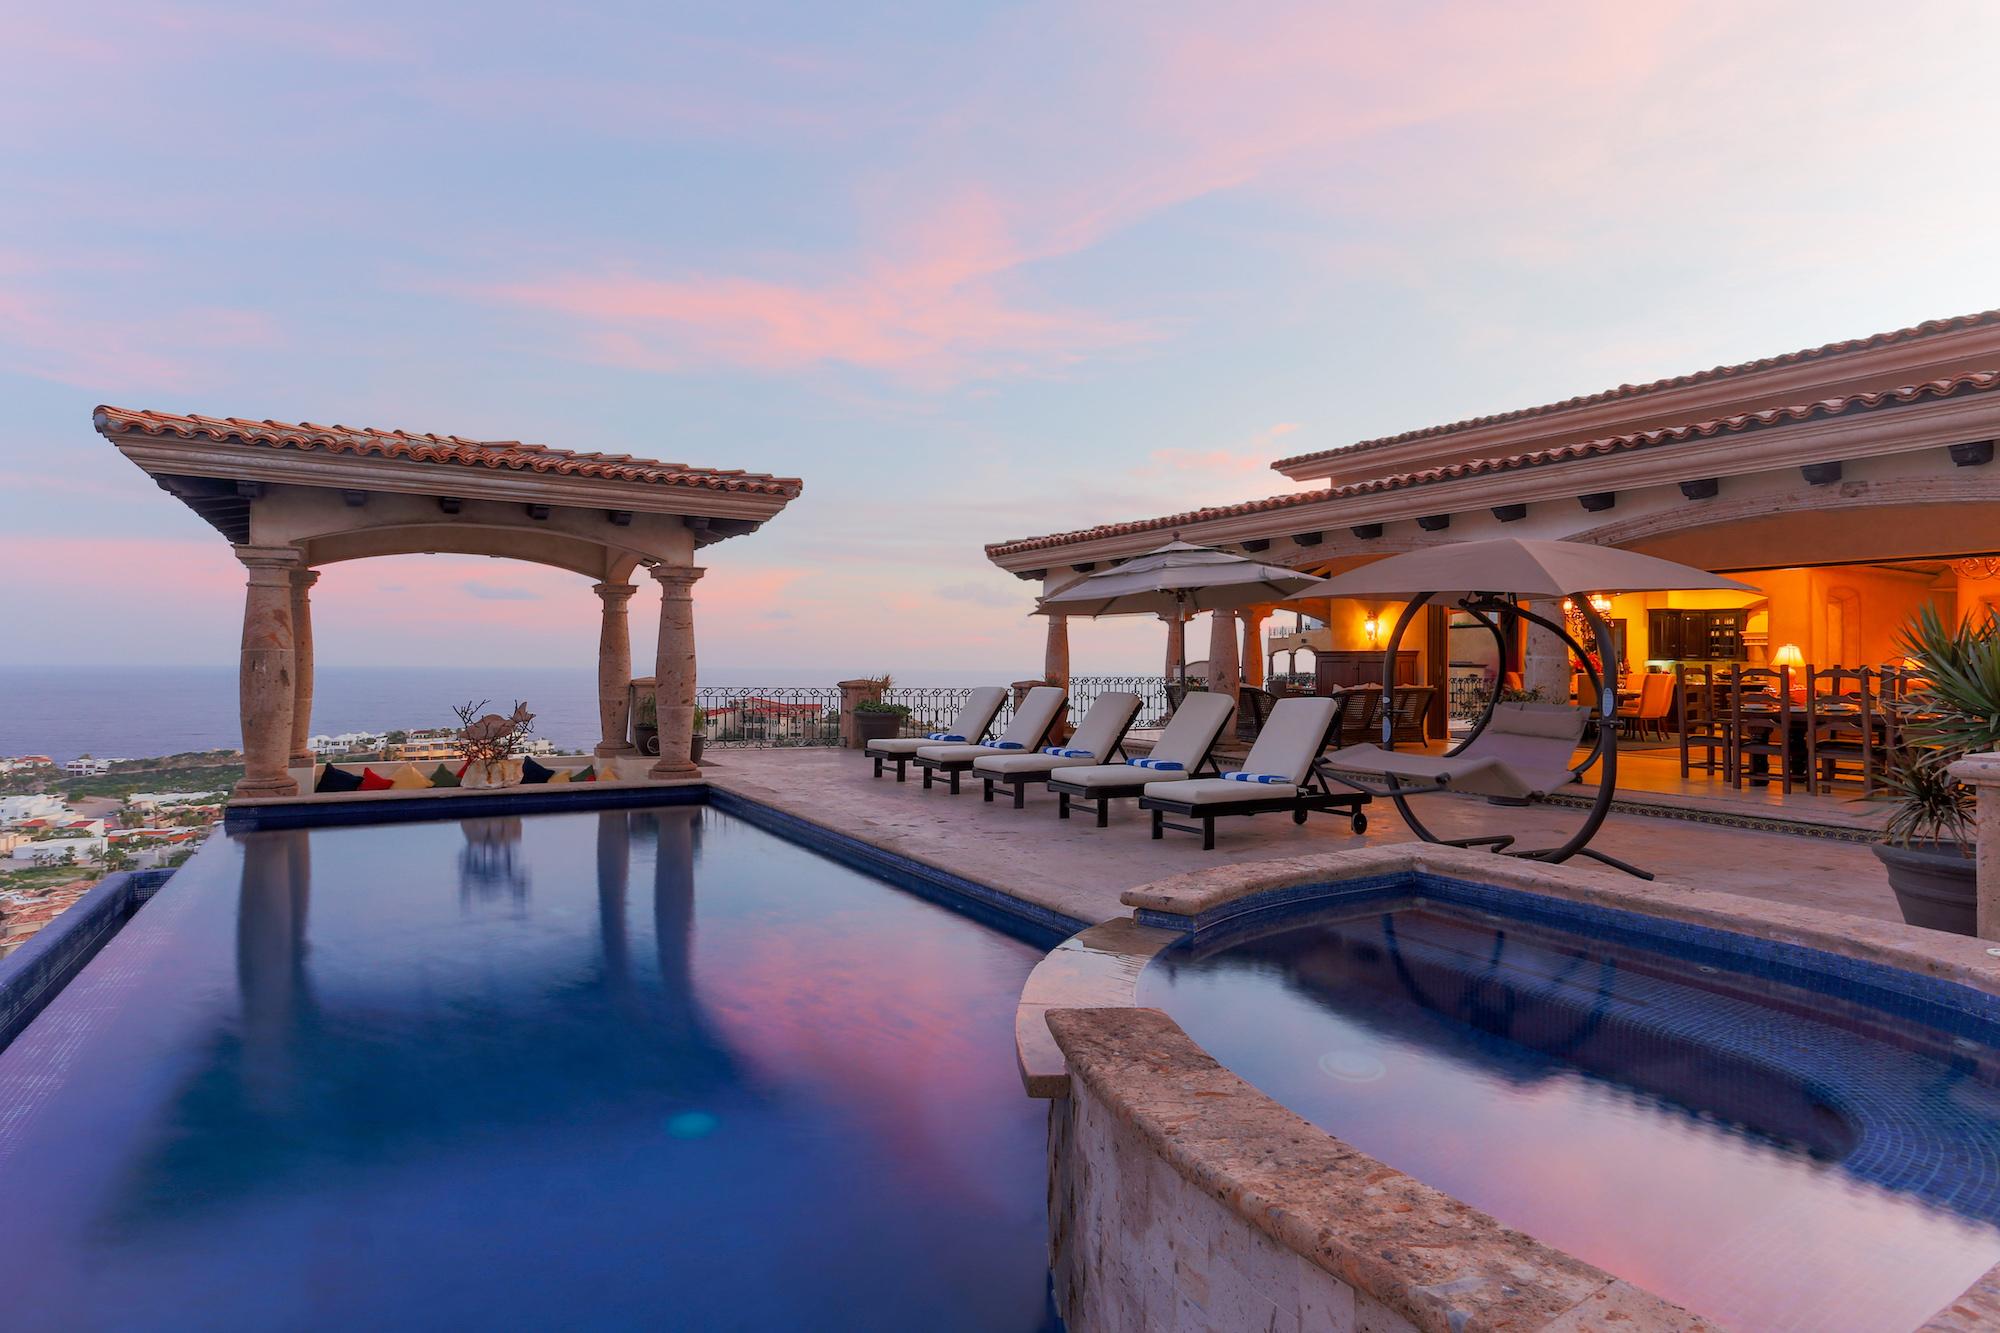 На какие факторы обращаем особое внимание при планировании своего отпуска?